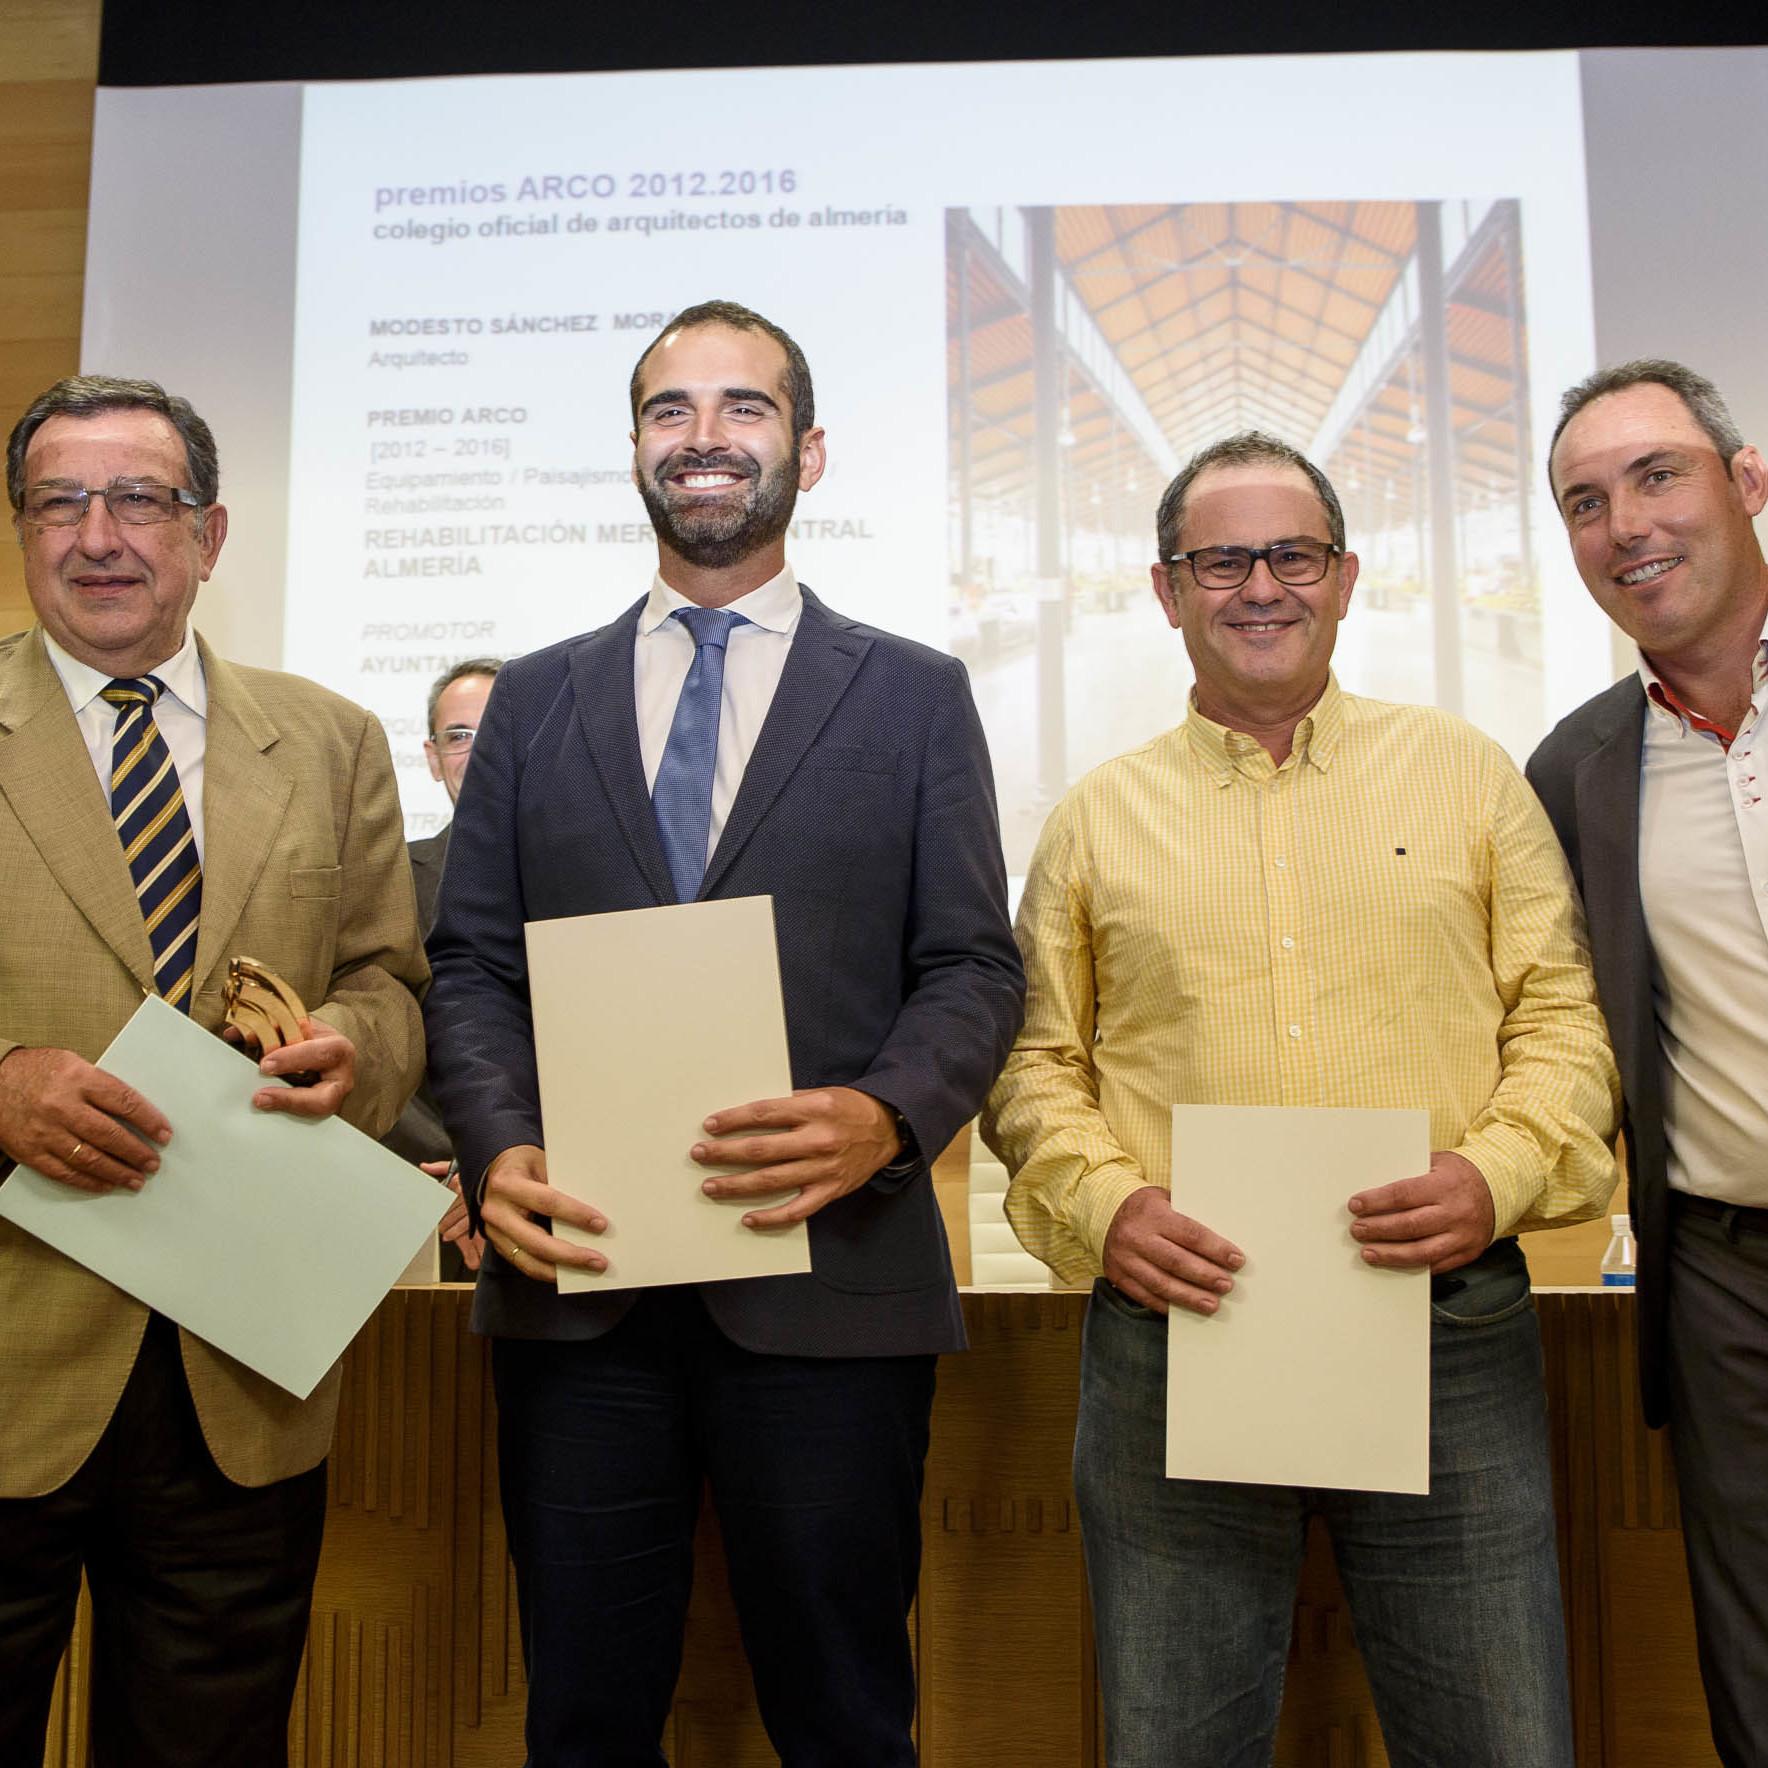 La rehabilitación del Mercado Central recibe el premio ARCO concedido por el Colegio de Arquitectos de Almería